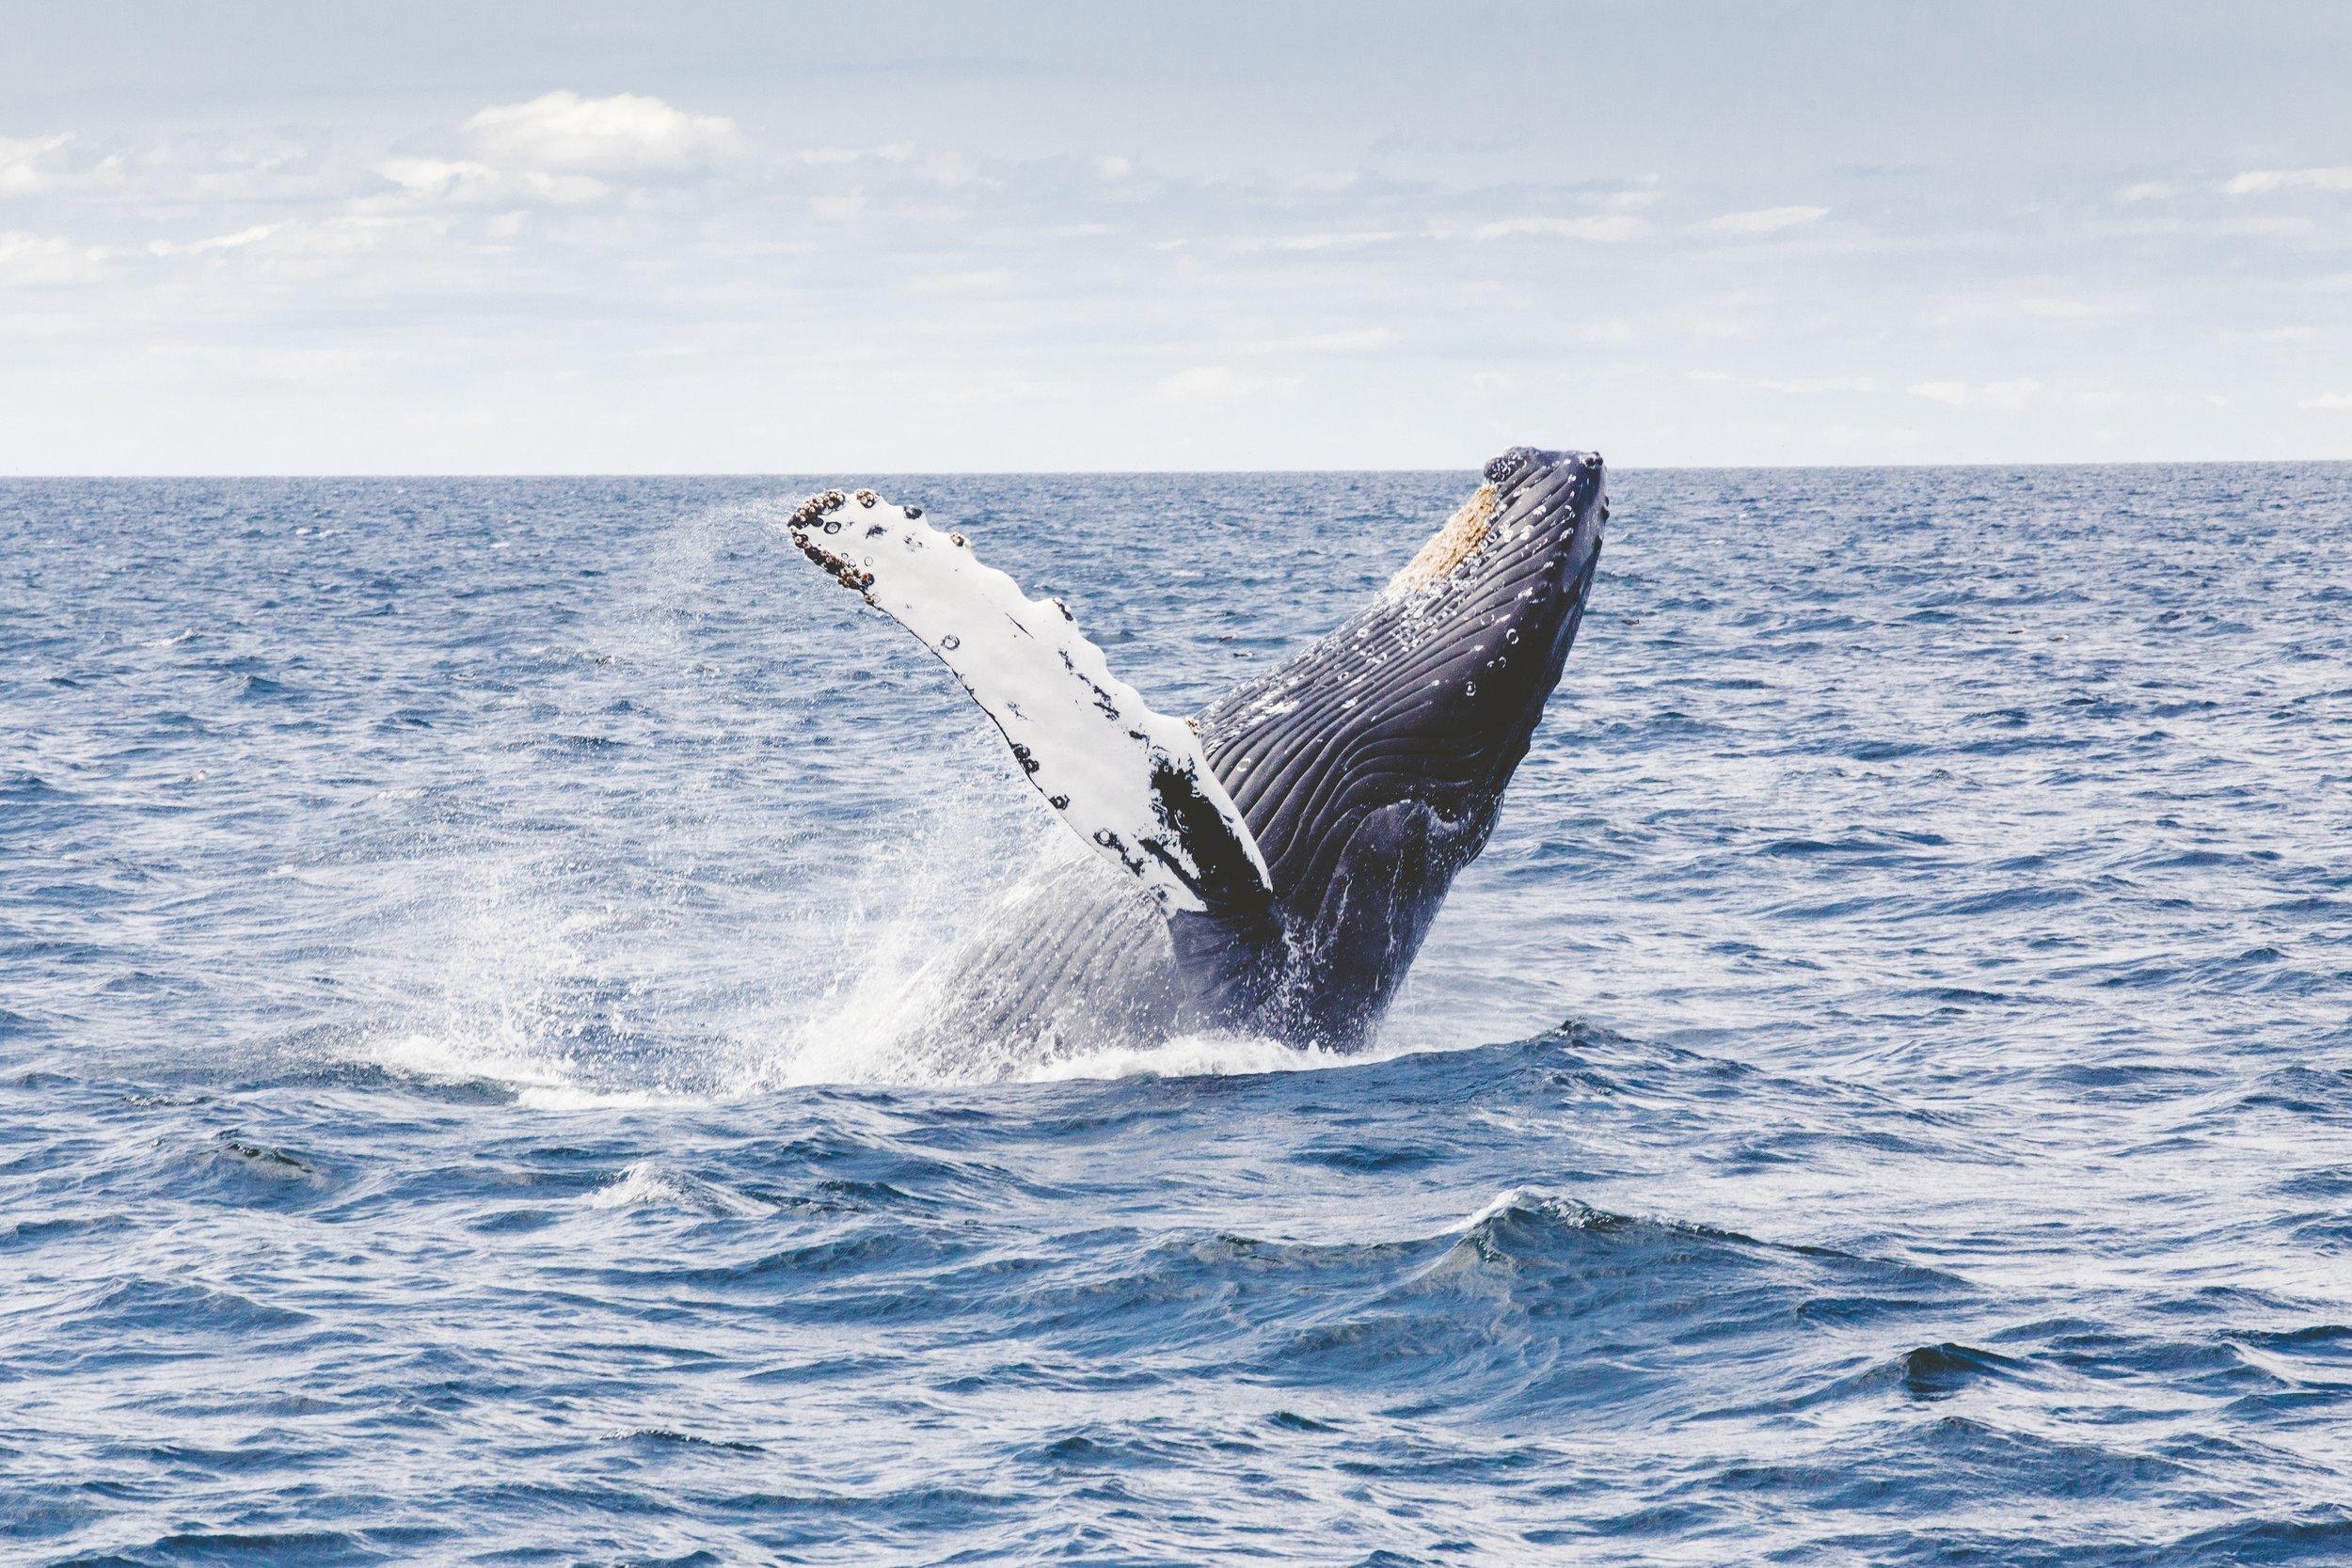 Blue_Soul_Maui_Outrigger_Canoe_Whale_Watch_9.jpg